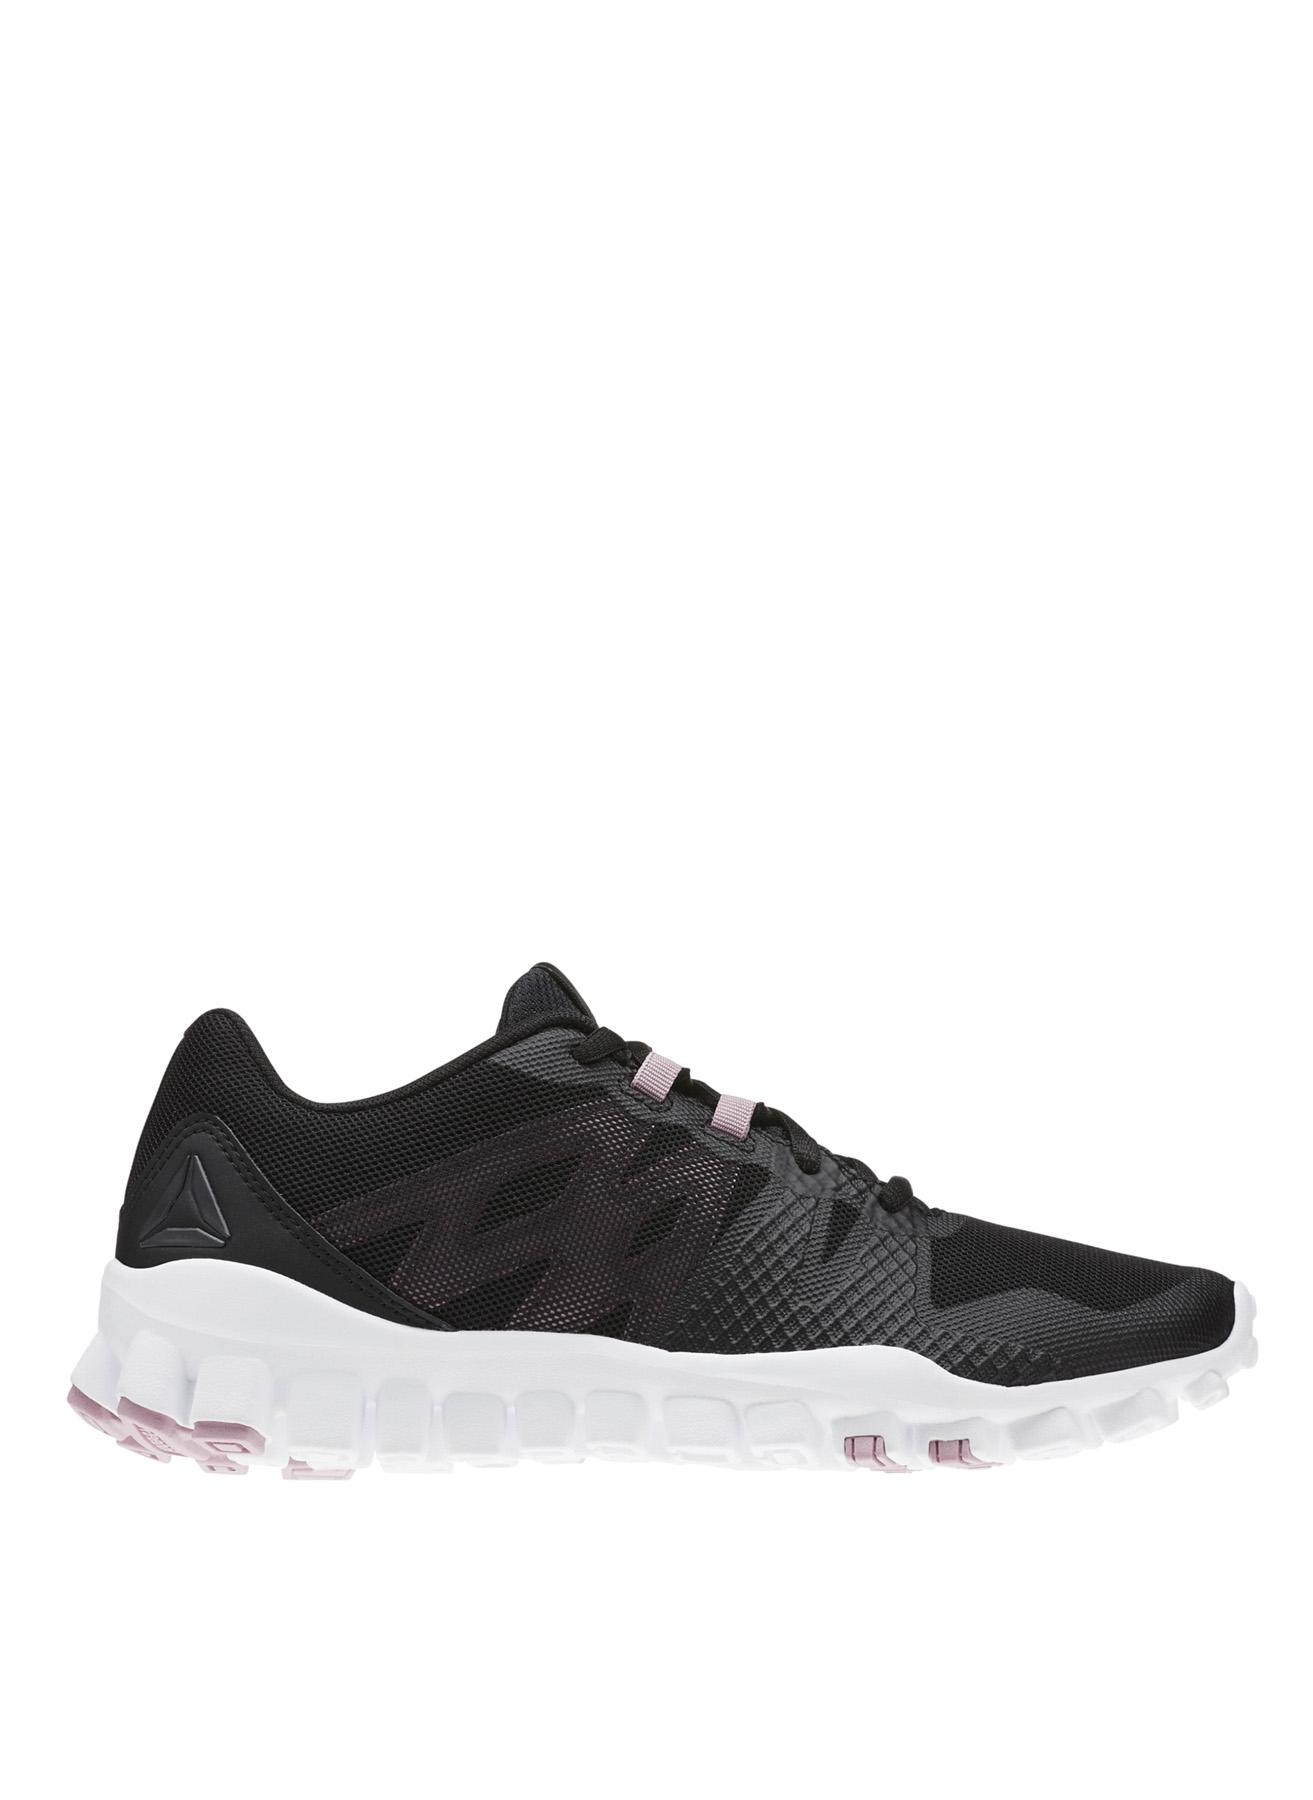 Reebok Realflex Train 5.0 Training Ayakkabısı 40 5001633337007 Ürün Resmi